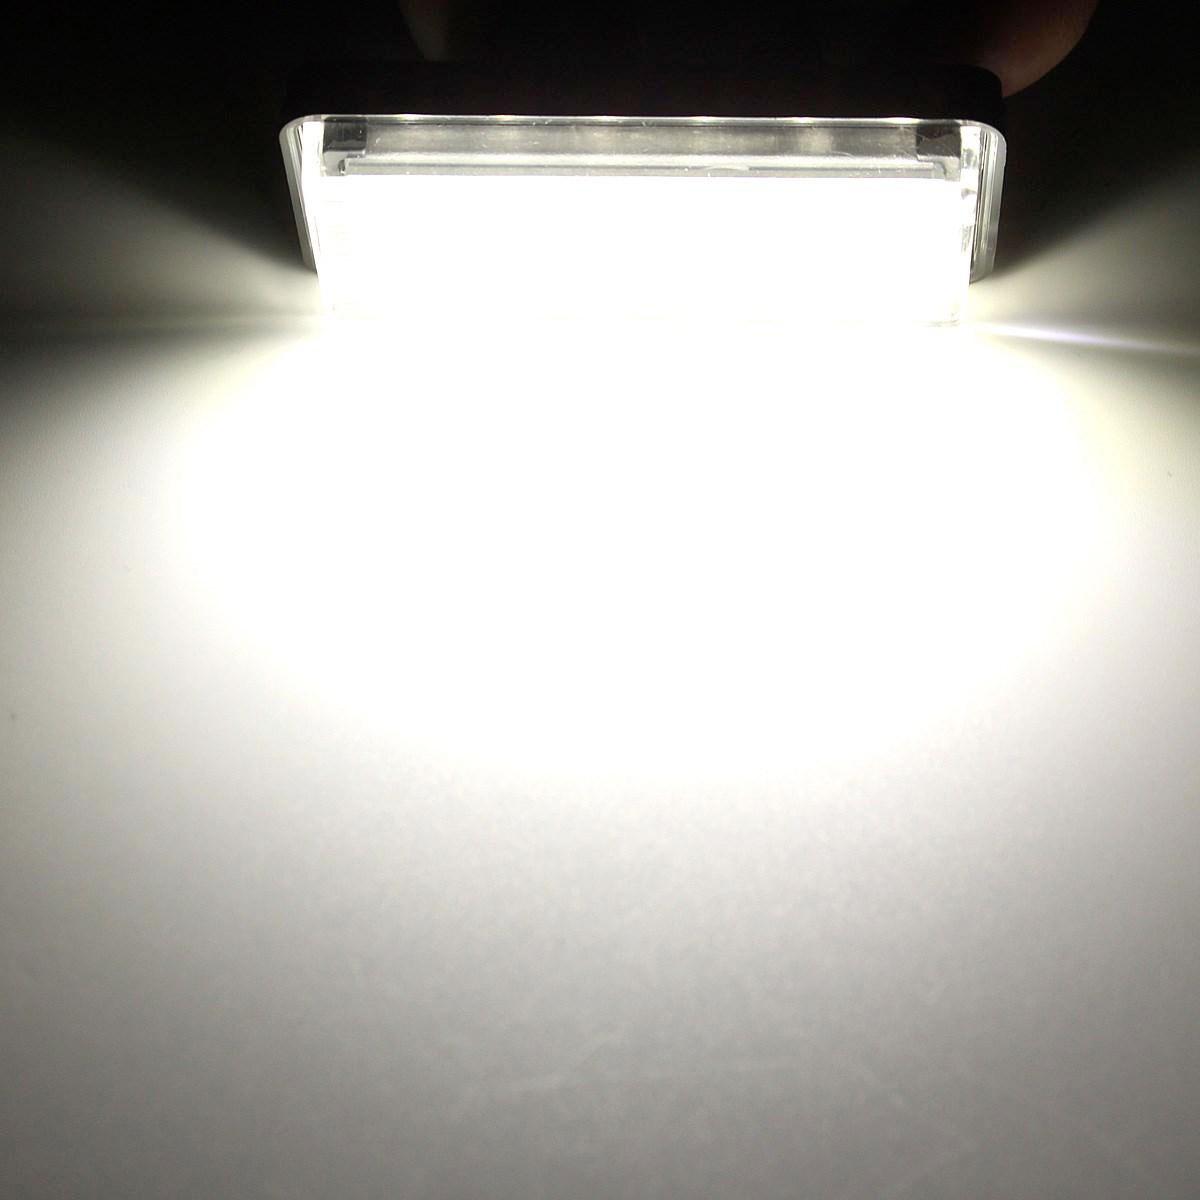 Modules éclairages plaque minéralogique AUTOLED